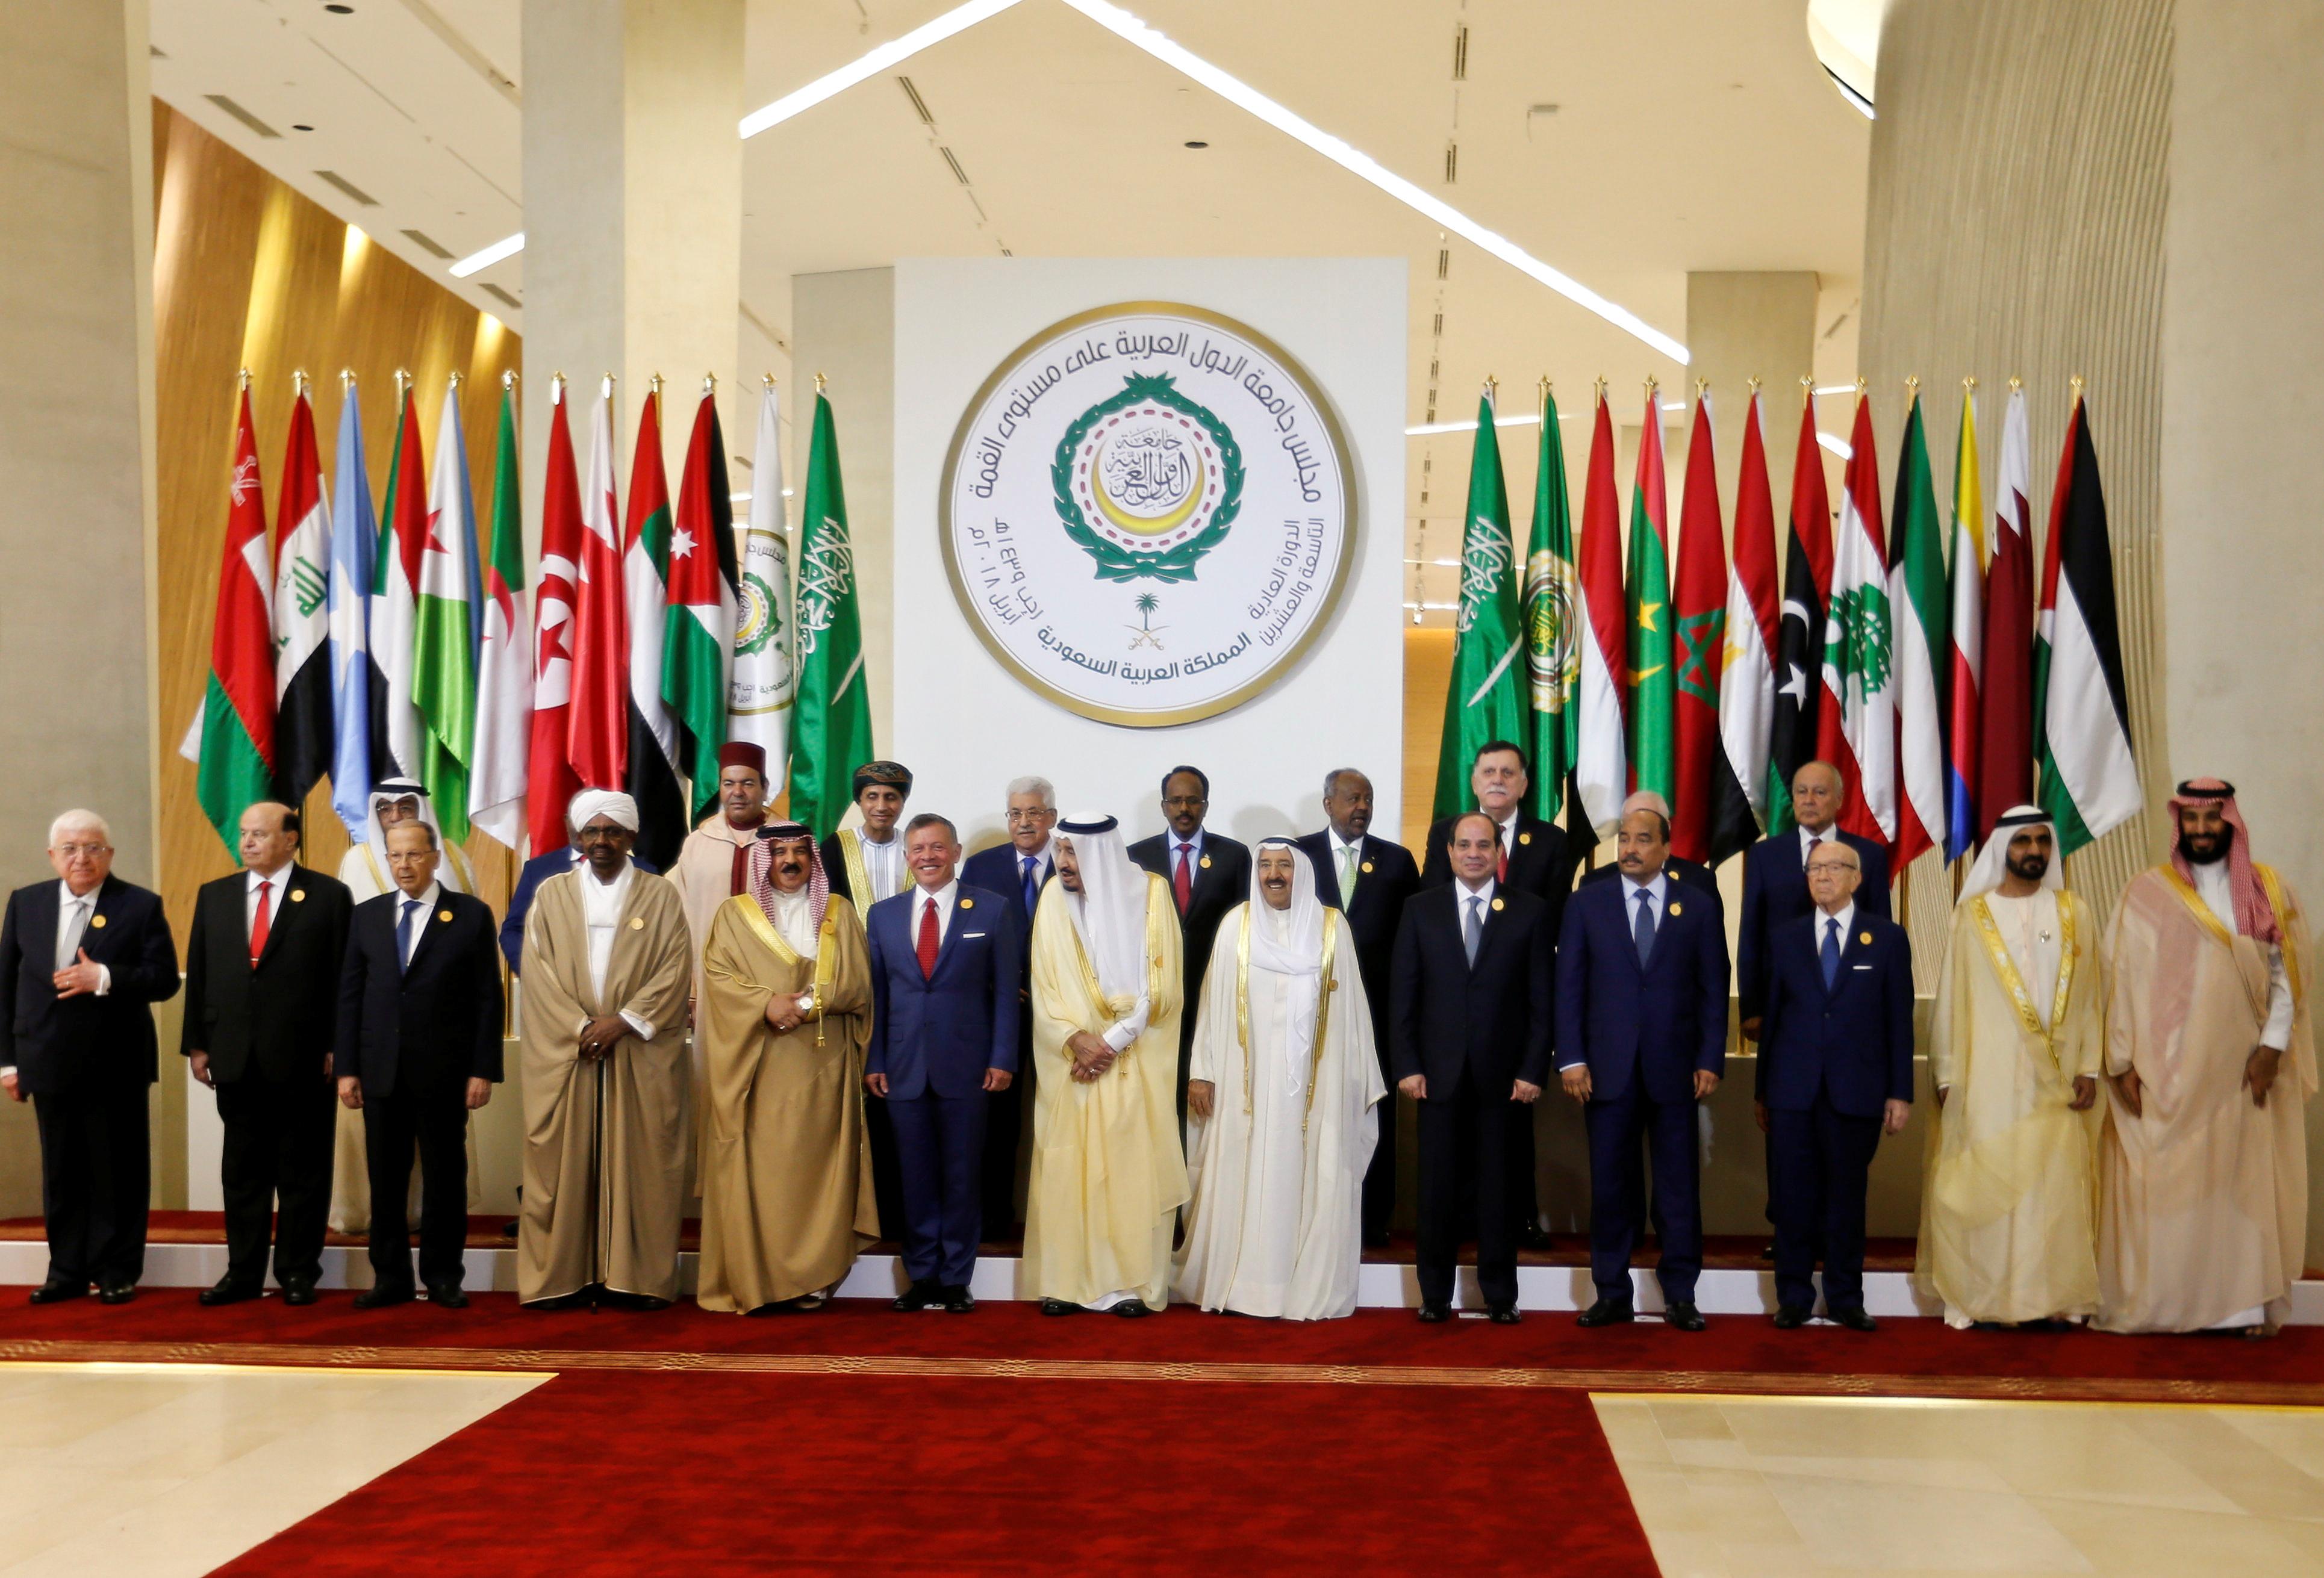 صورة تذكارية للزعماء العرب فى القمة العربية بالسعودية